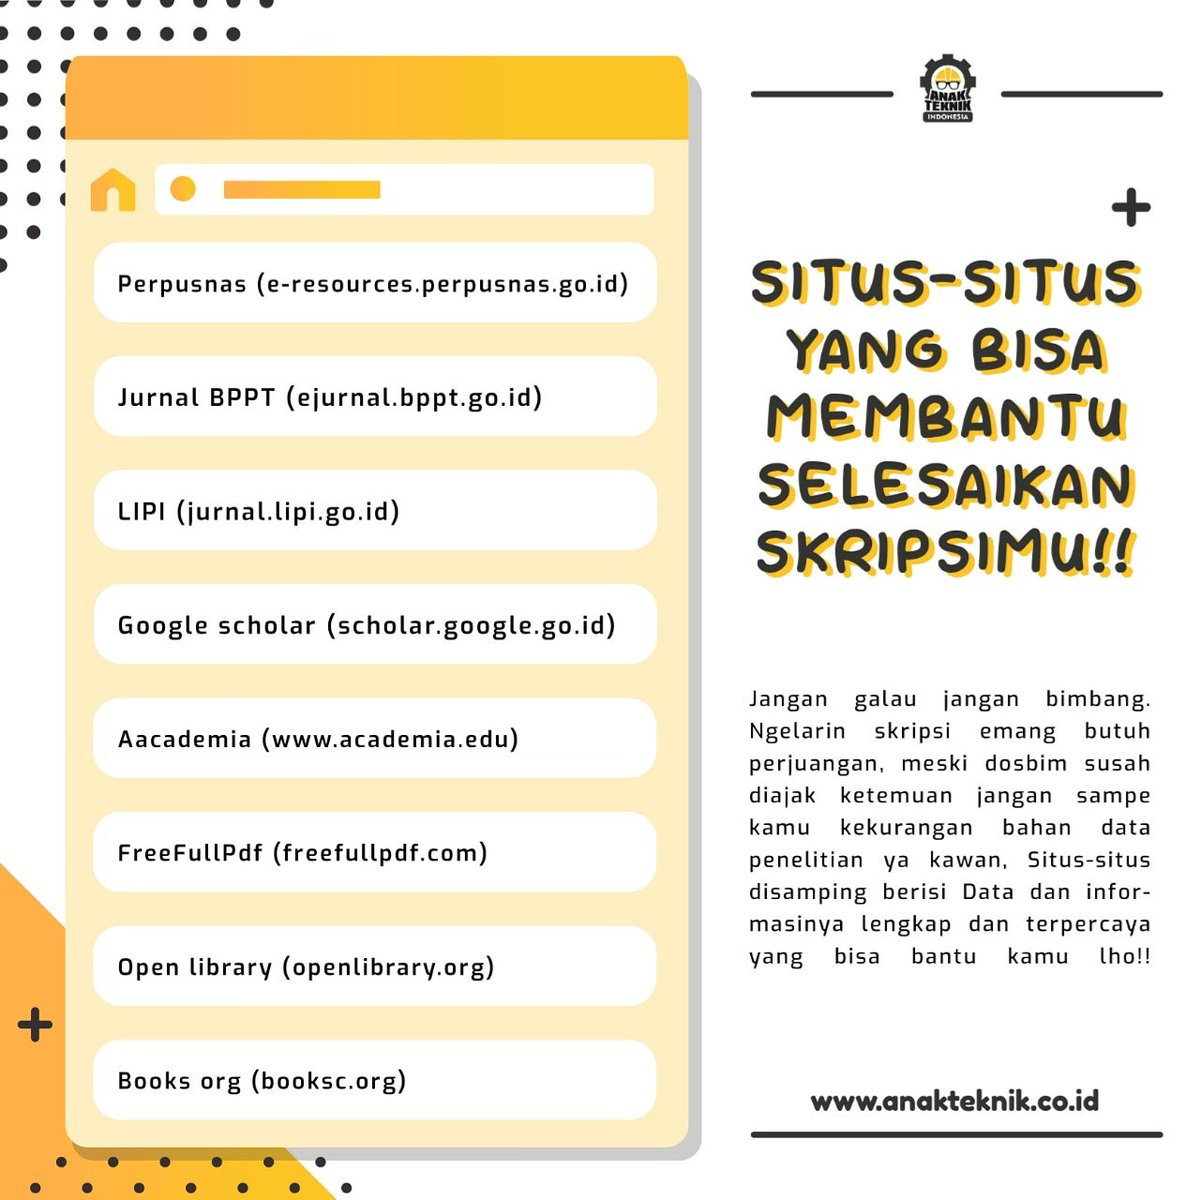 Anak Teknik Indonesia V Twitter Untuk Para Mahasiswa Semester Akhir Selamat Berlibur Dengan Skripsi Yaa Wkwk Nih Admin Kasih Tau Situs Jurnal Jurnal Yang Bisa Kamu Jadikan Acuan Buat Skrisimu Https T Co Nr1u839mdj